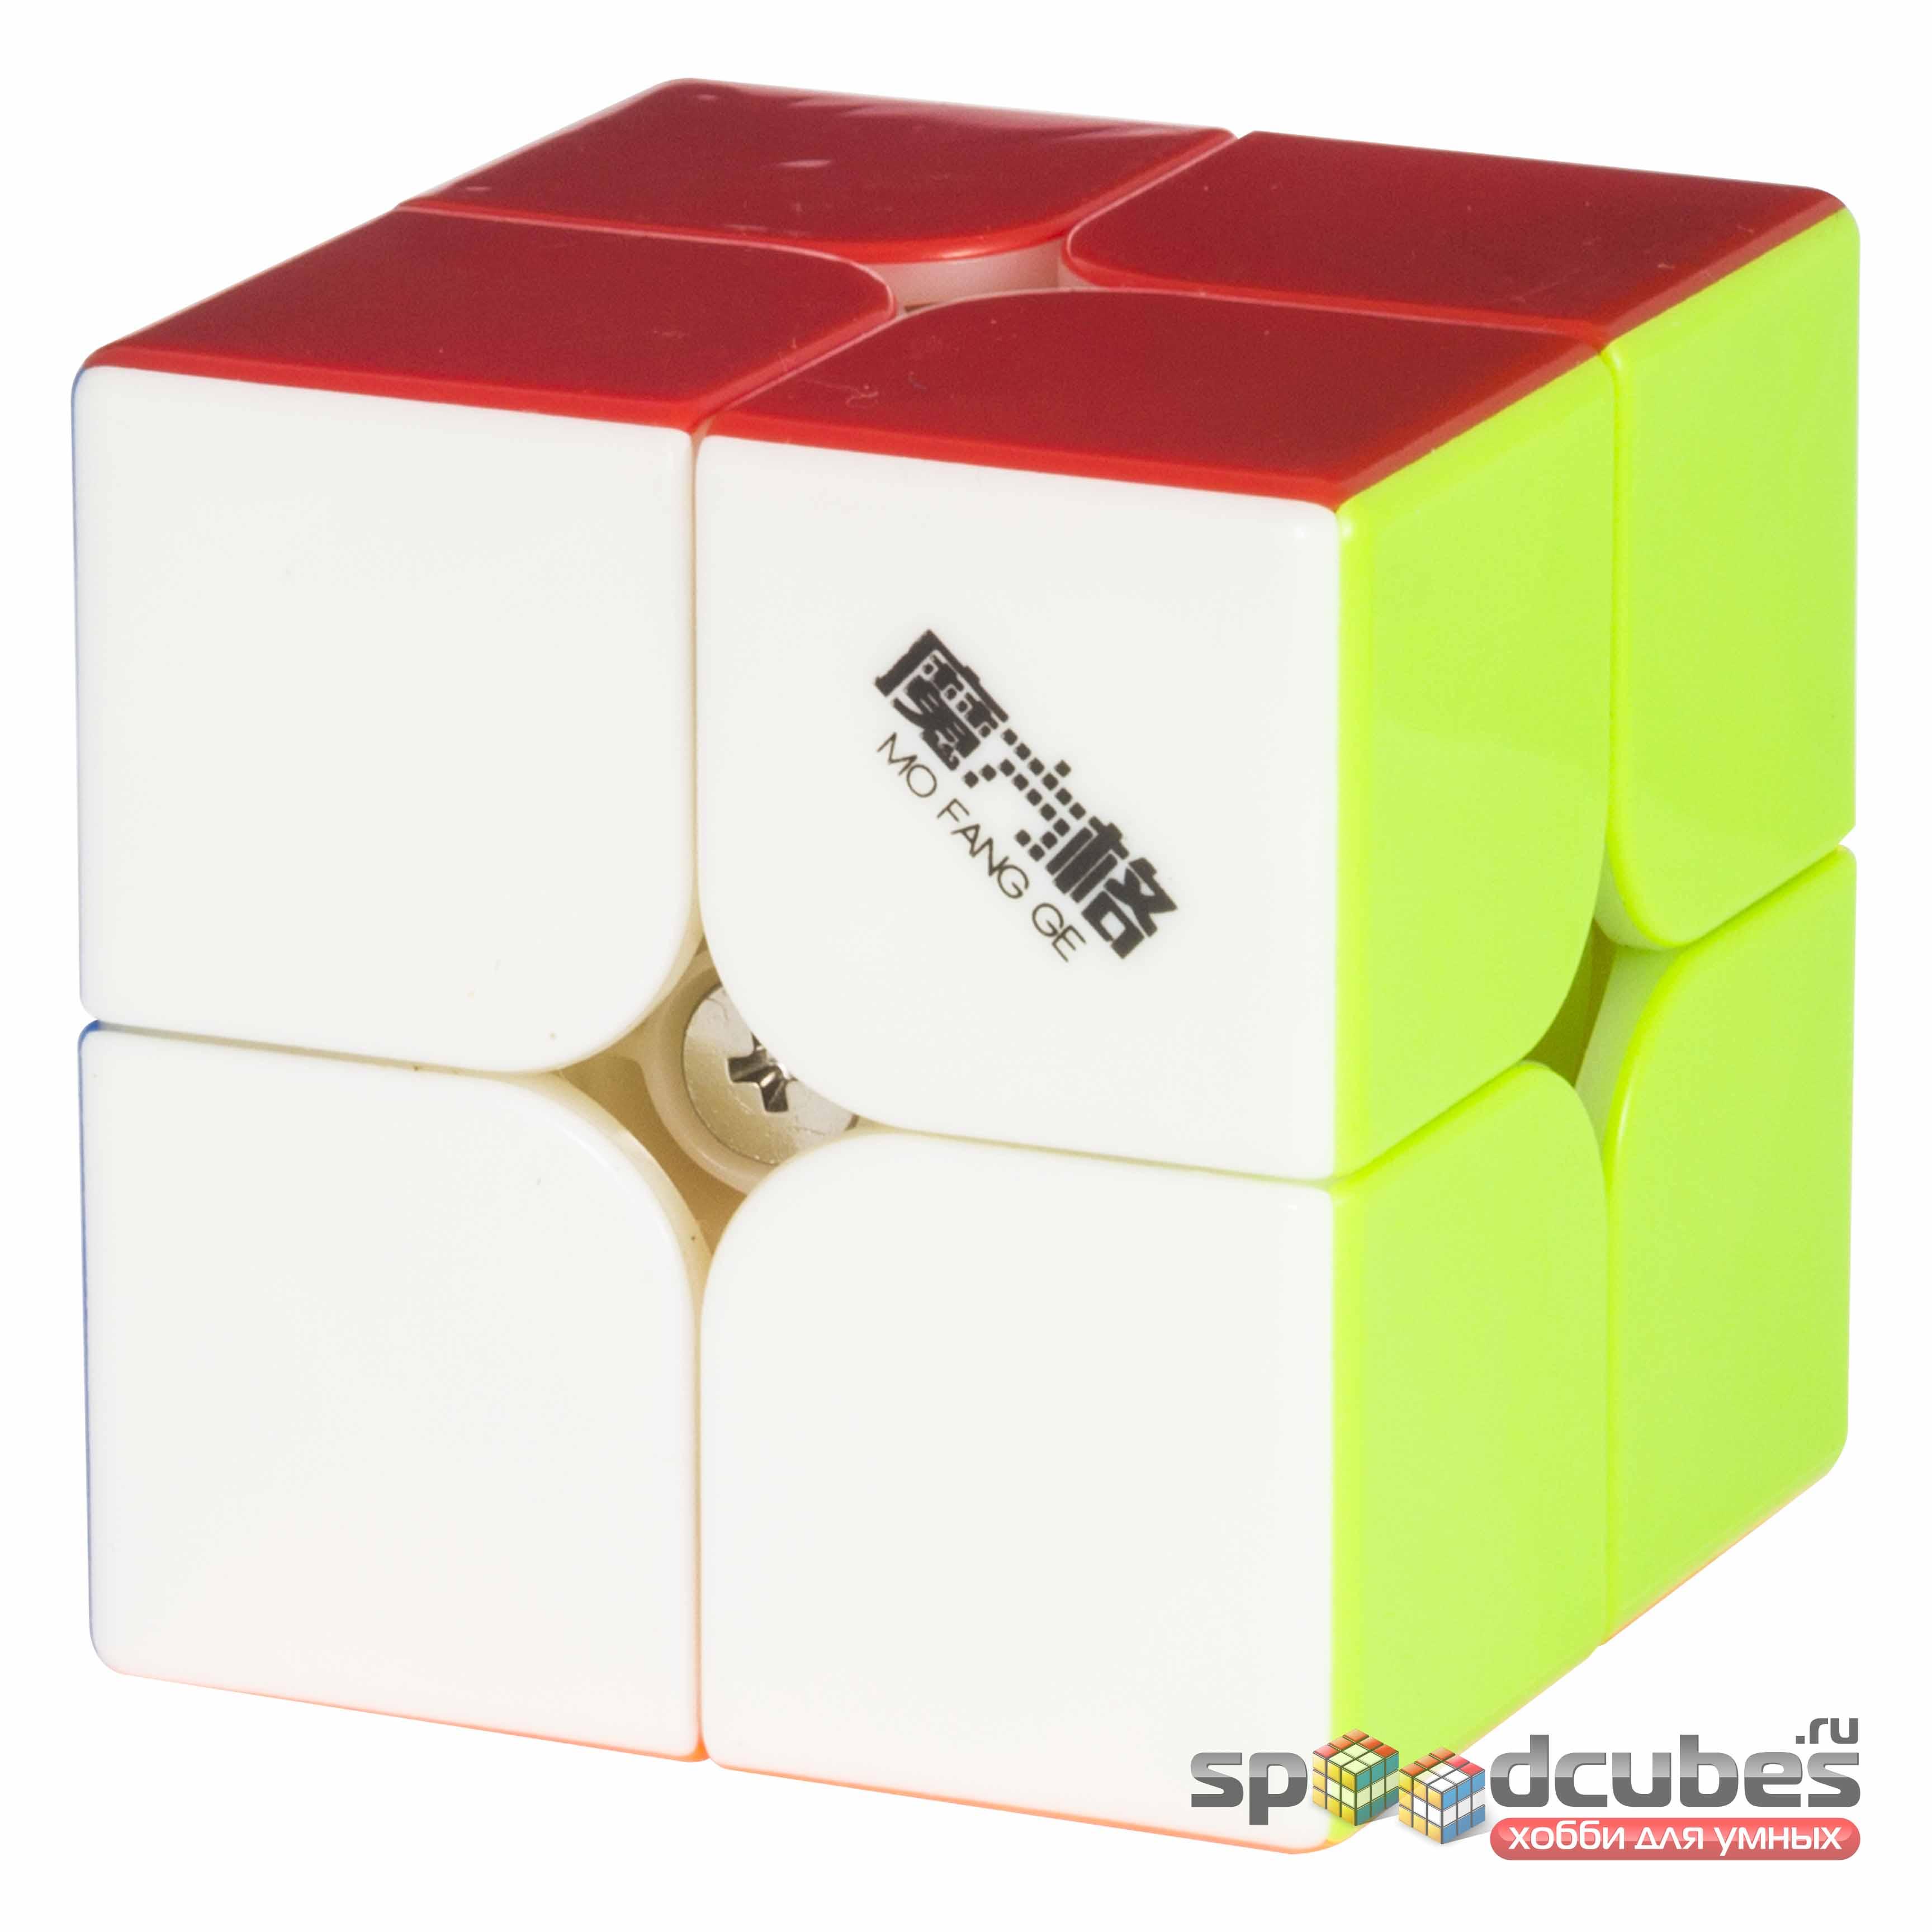 QiYi (MoFangGe) 2x2x2 WuXia M Color 2